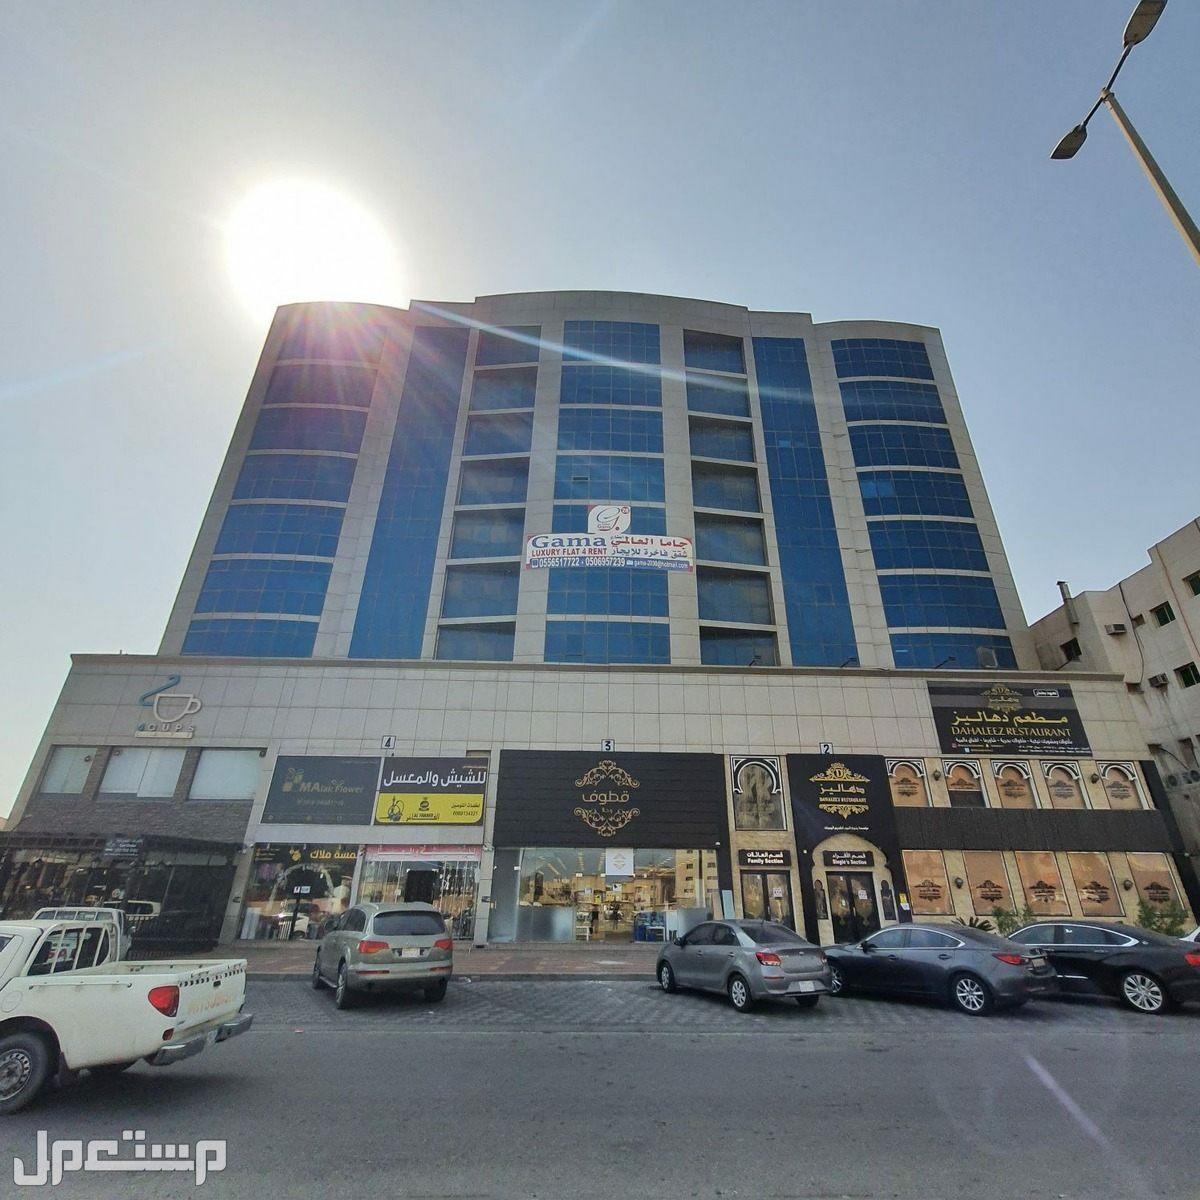 جاما 20   شقق عزاب غرفتين للايجار في الجبيل